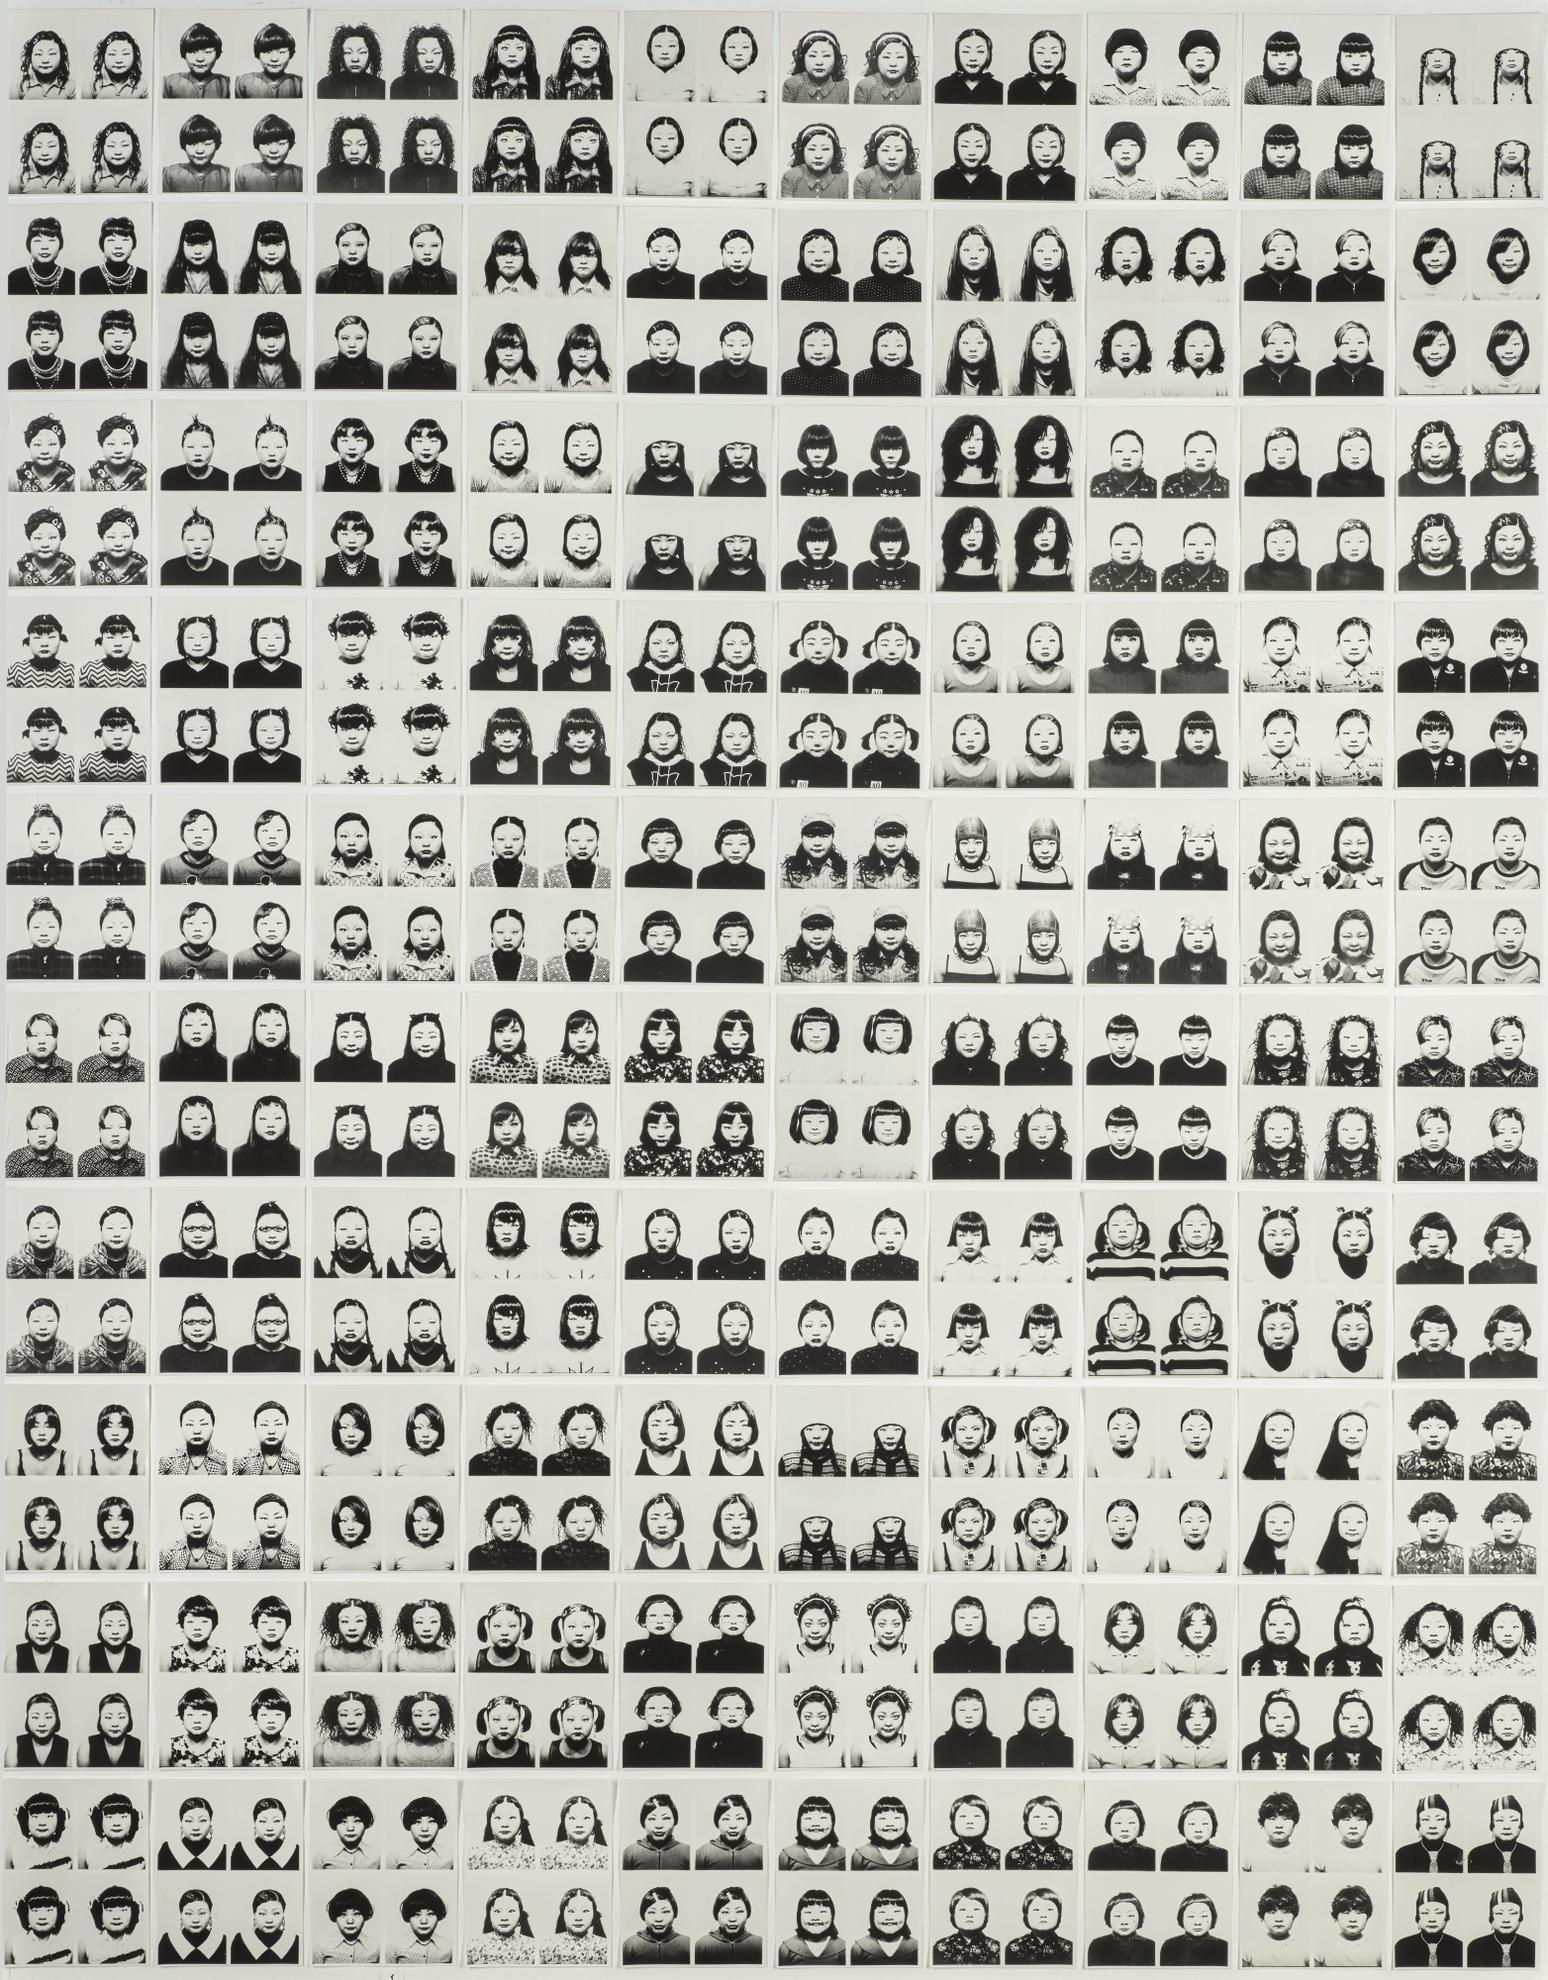 Tomoko Sawada-Id400 Project, #201-300-2004